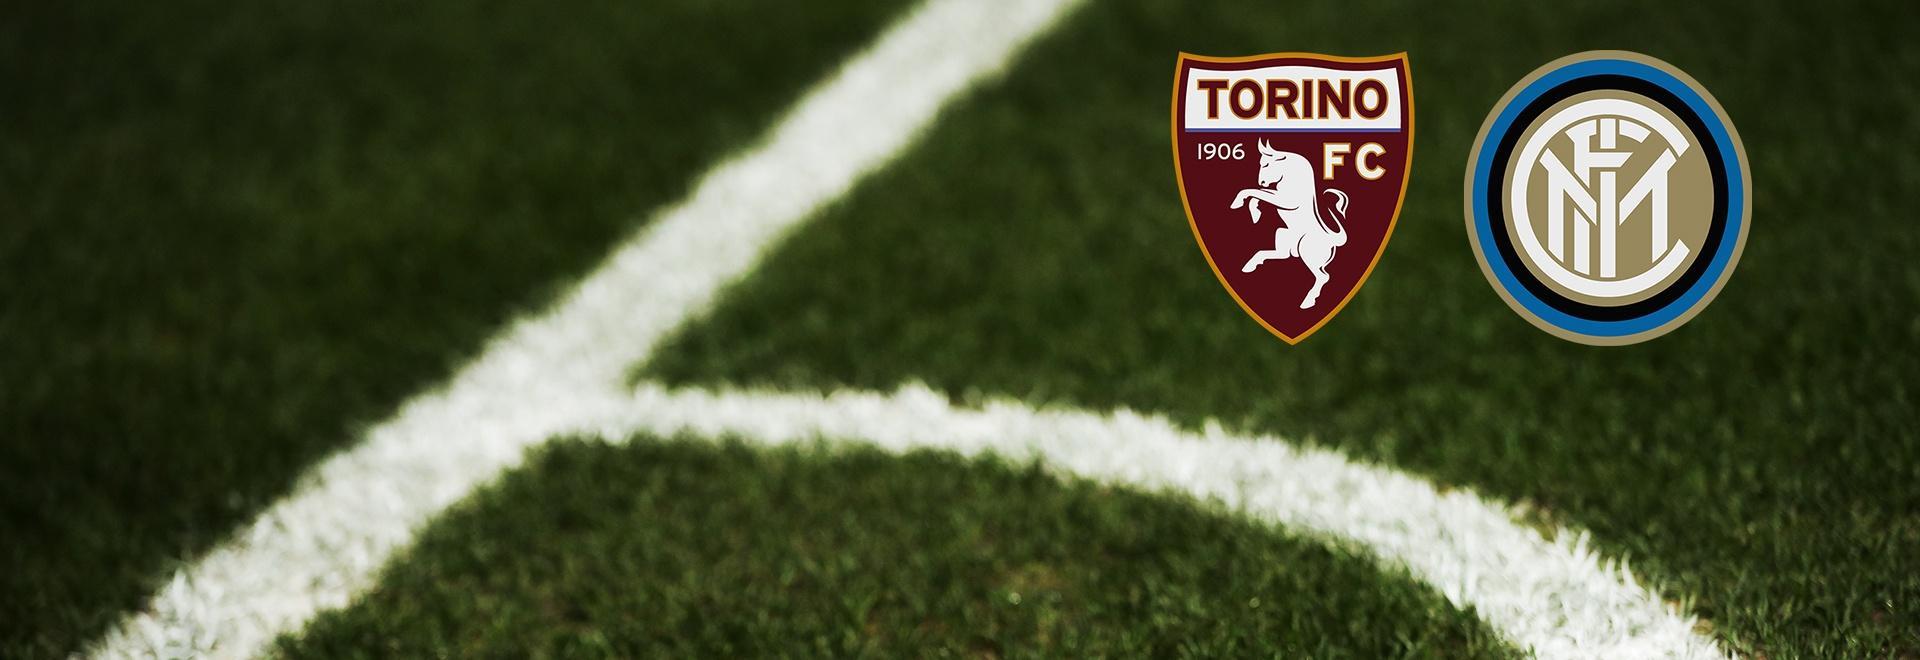 Torino - Inter. 13a g.